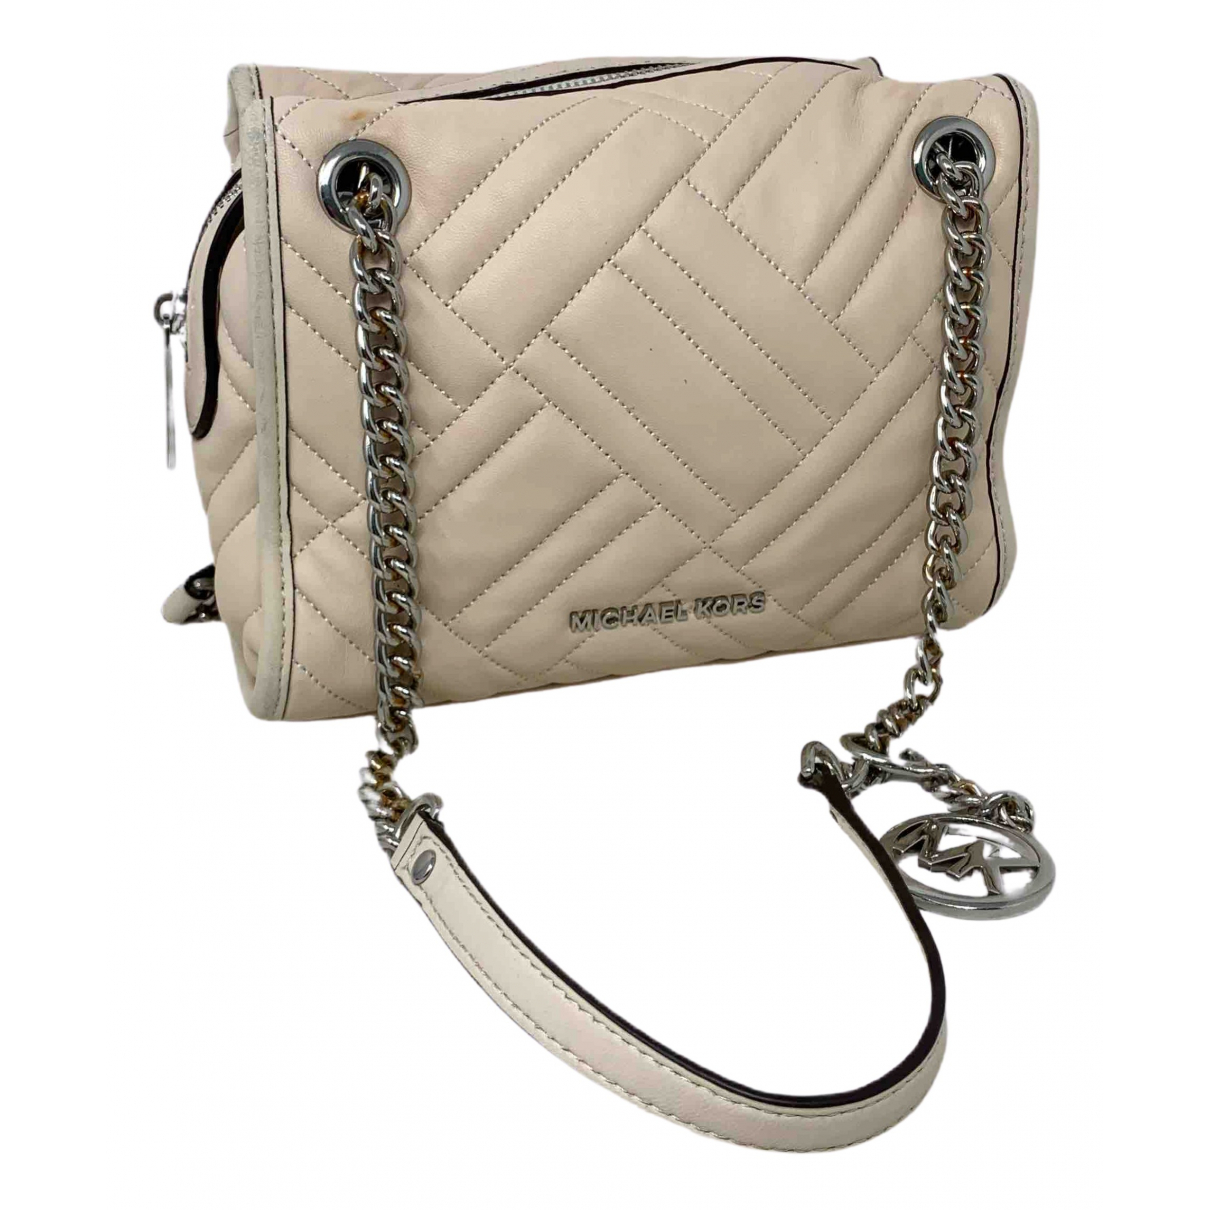 Michael Kors N Leather handbag for Women N